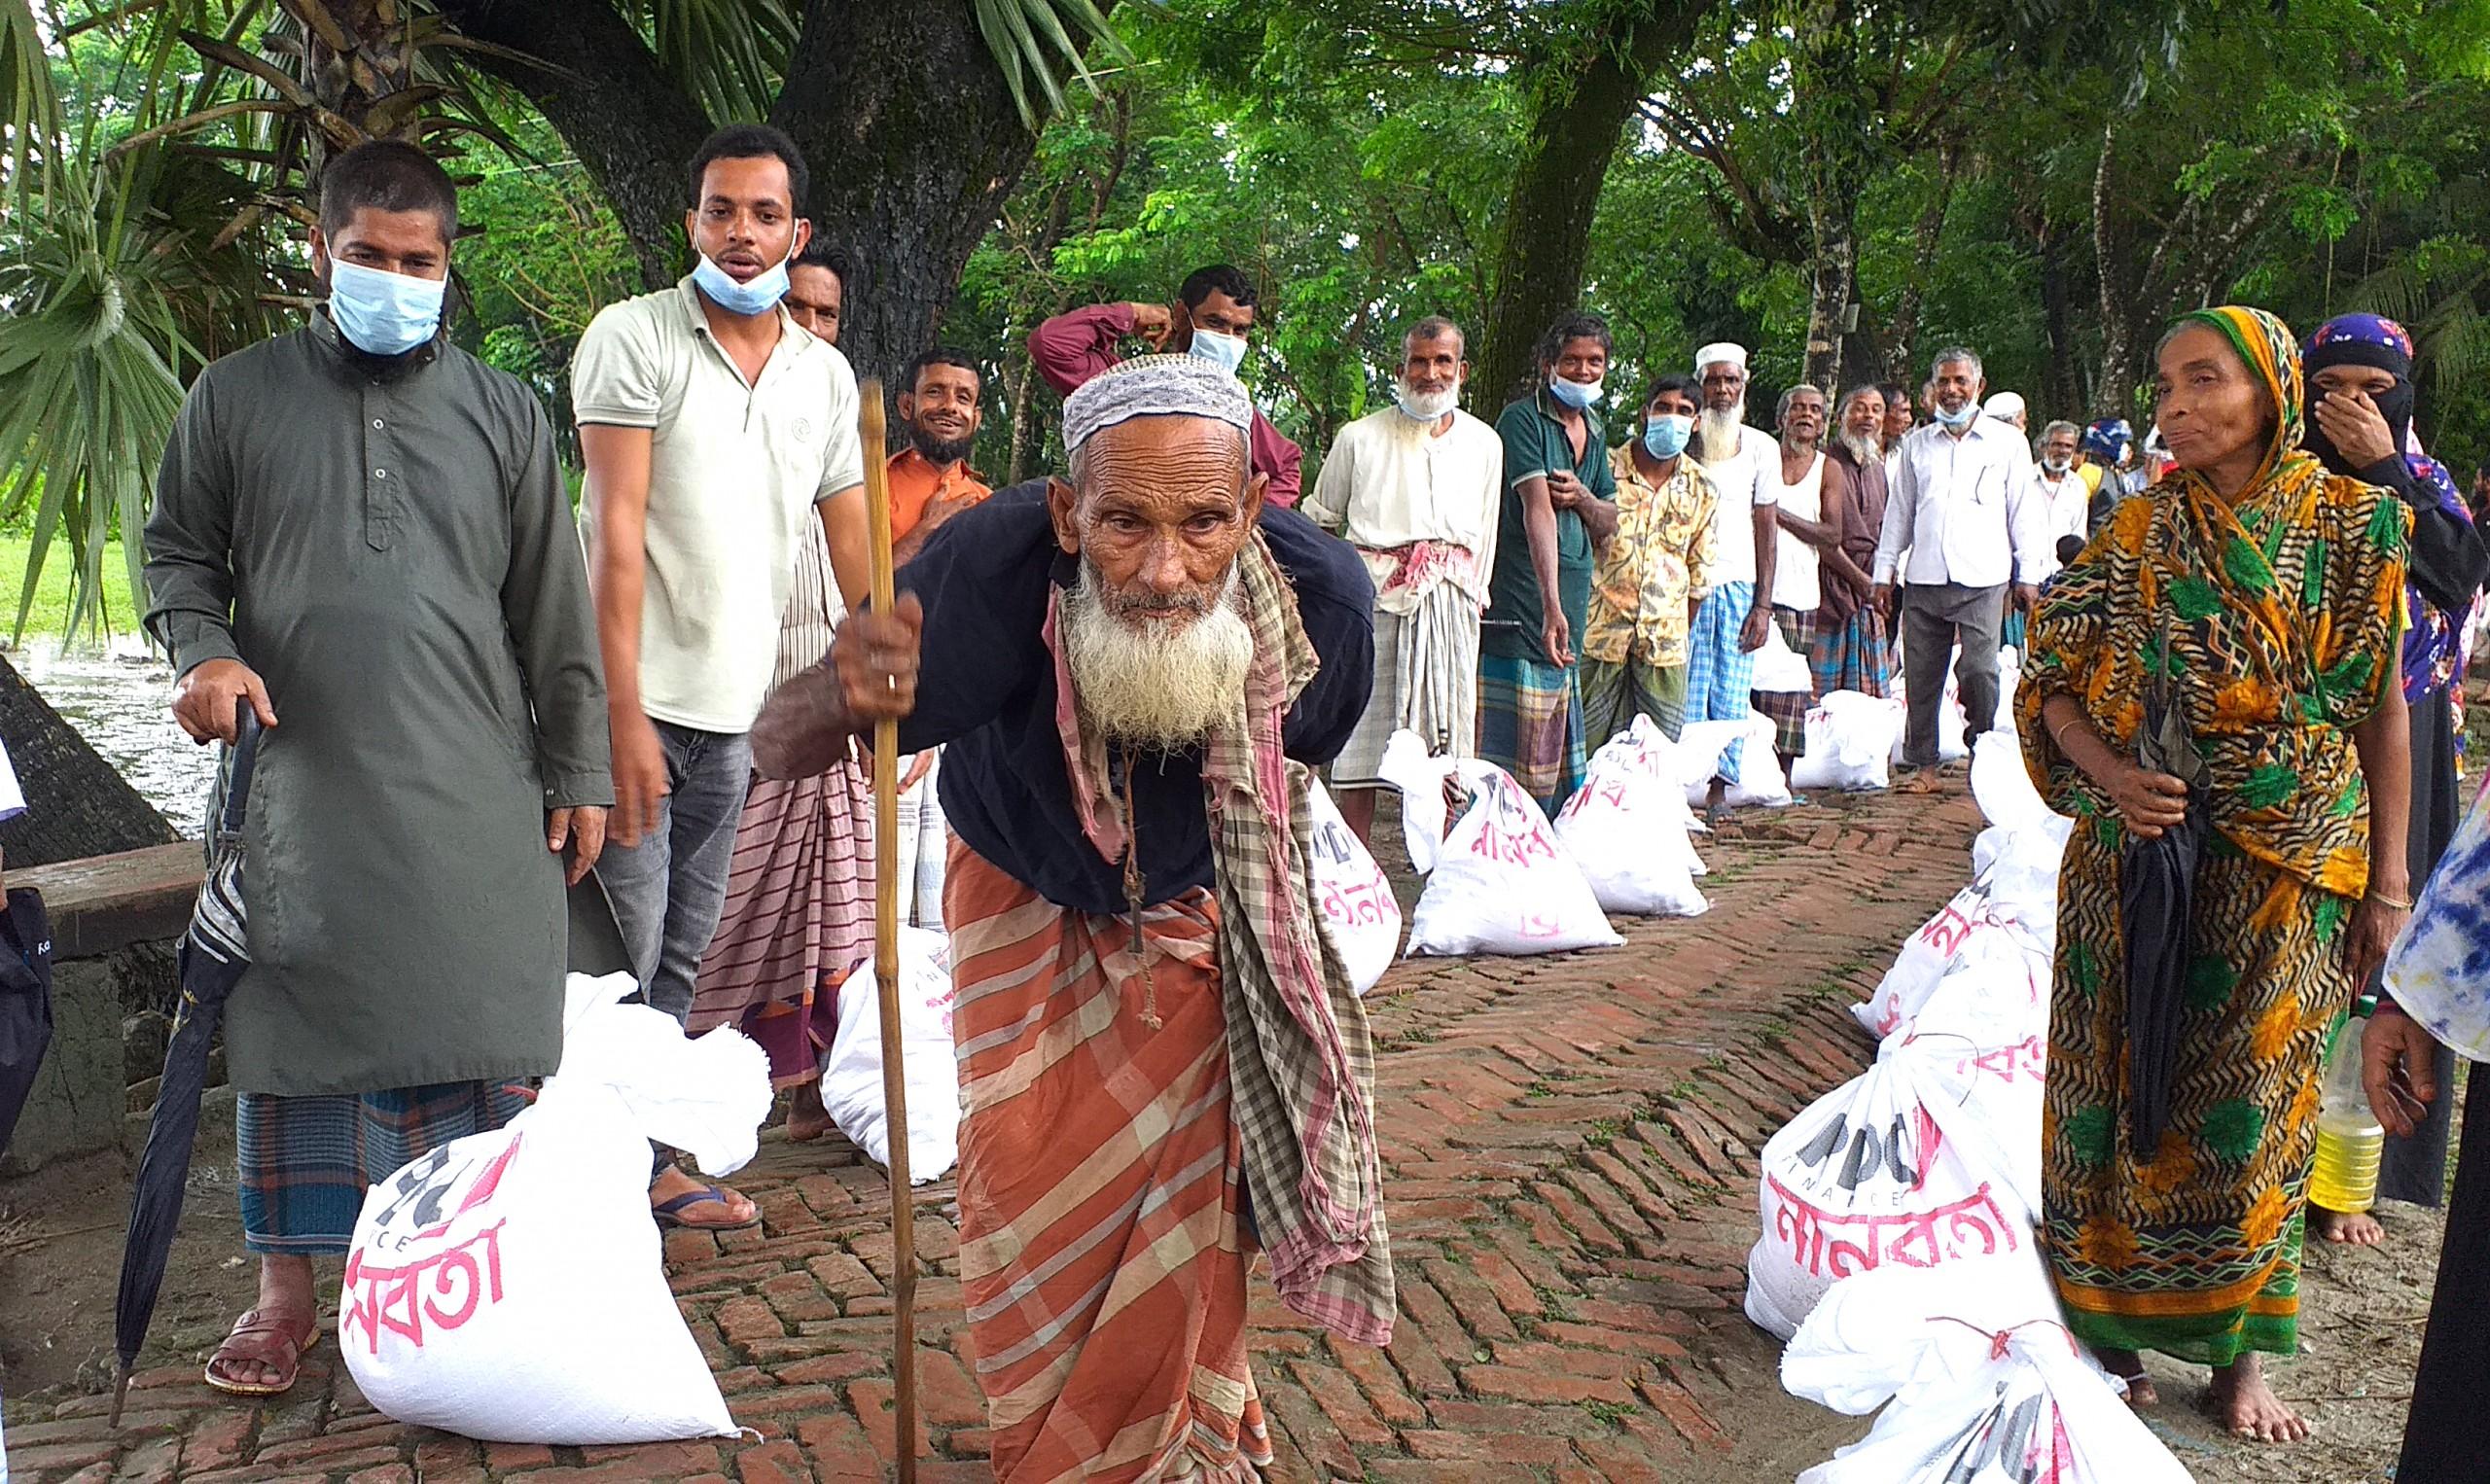 পটুয়াখালীতে শত মানুষকে খাদ্য সহায়তা প্রদান